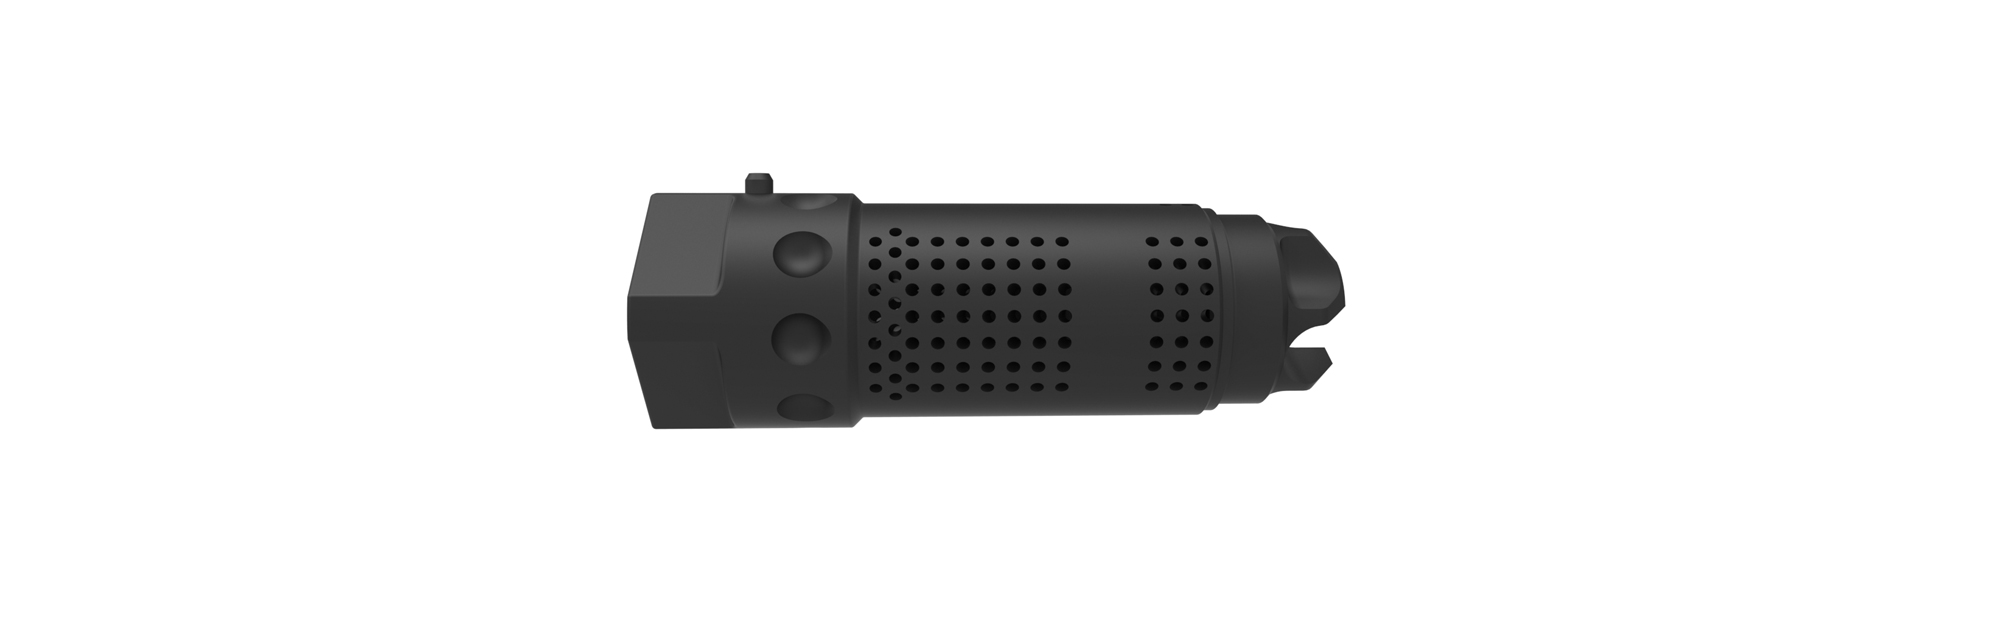 7 62mm QDC Flash Suppressor Kit, 3/4